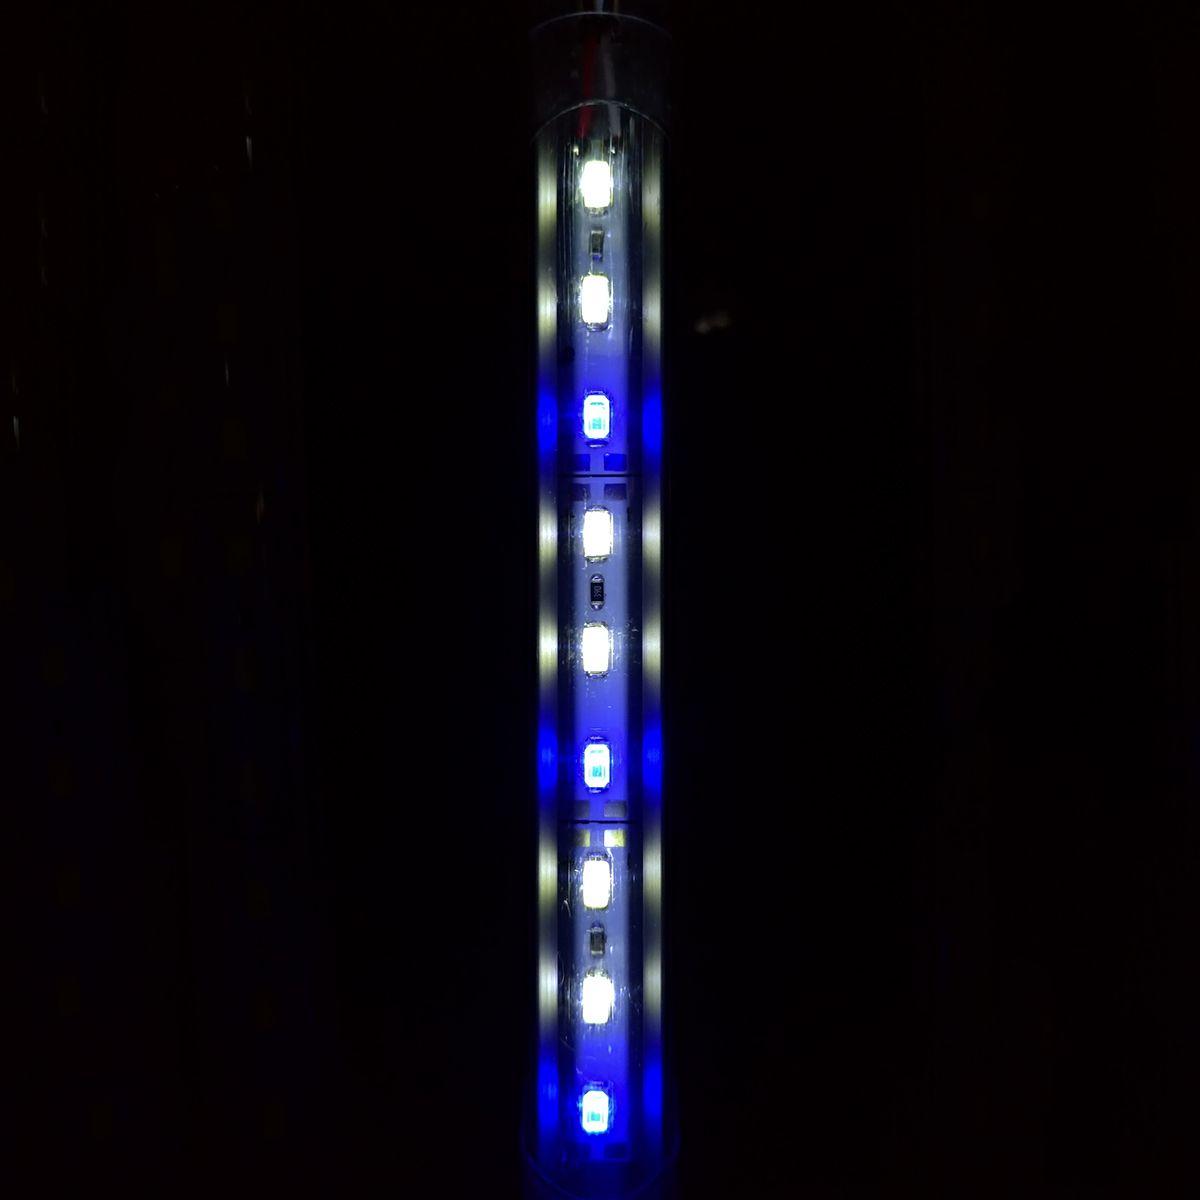 Luminária Aqualumi LED 2 BRANCOS / 1AZUL 15CM + FONTE